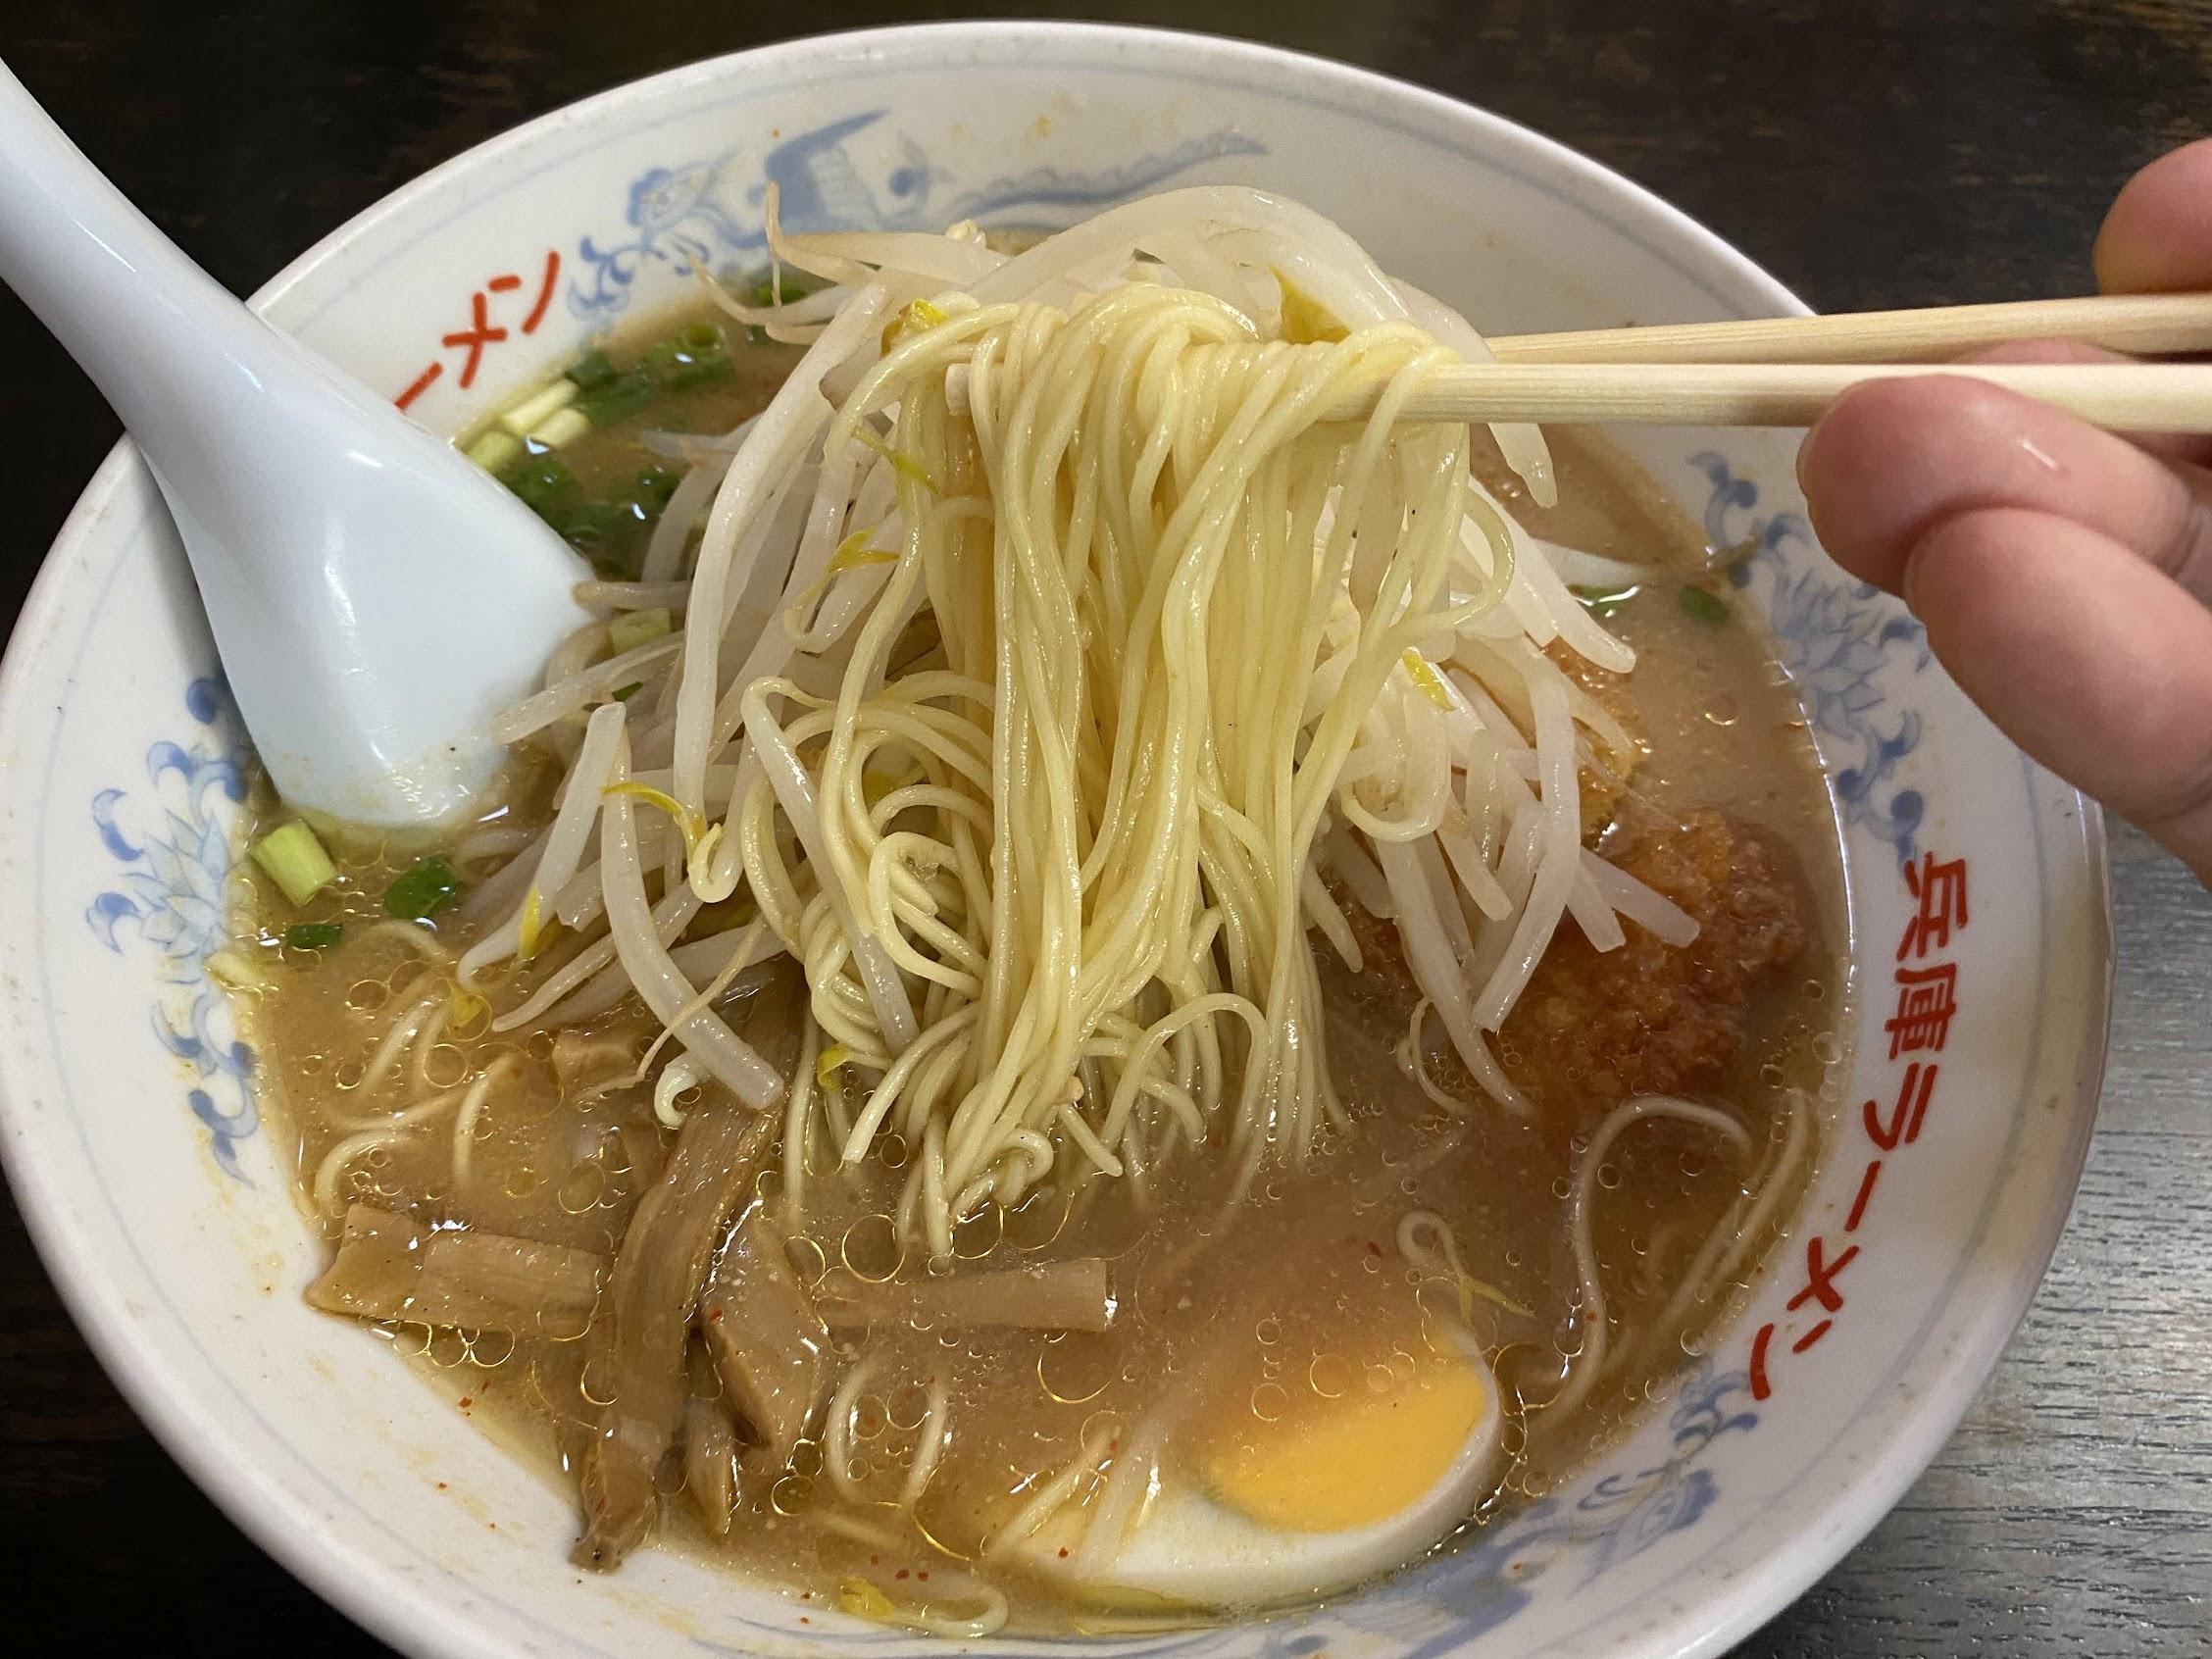 兵庫ラーメン高須店味噌カツラーメンストレート麺